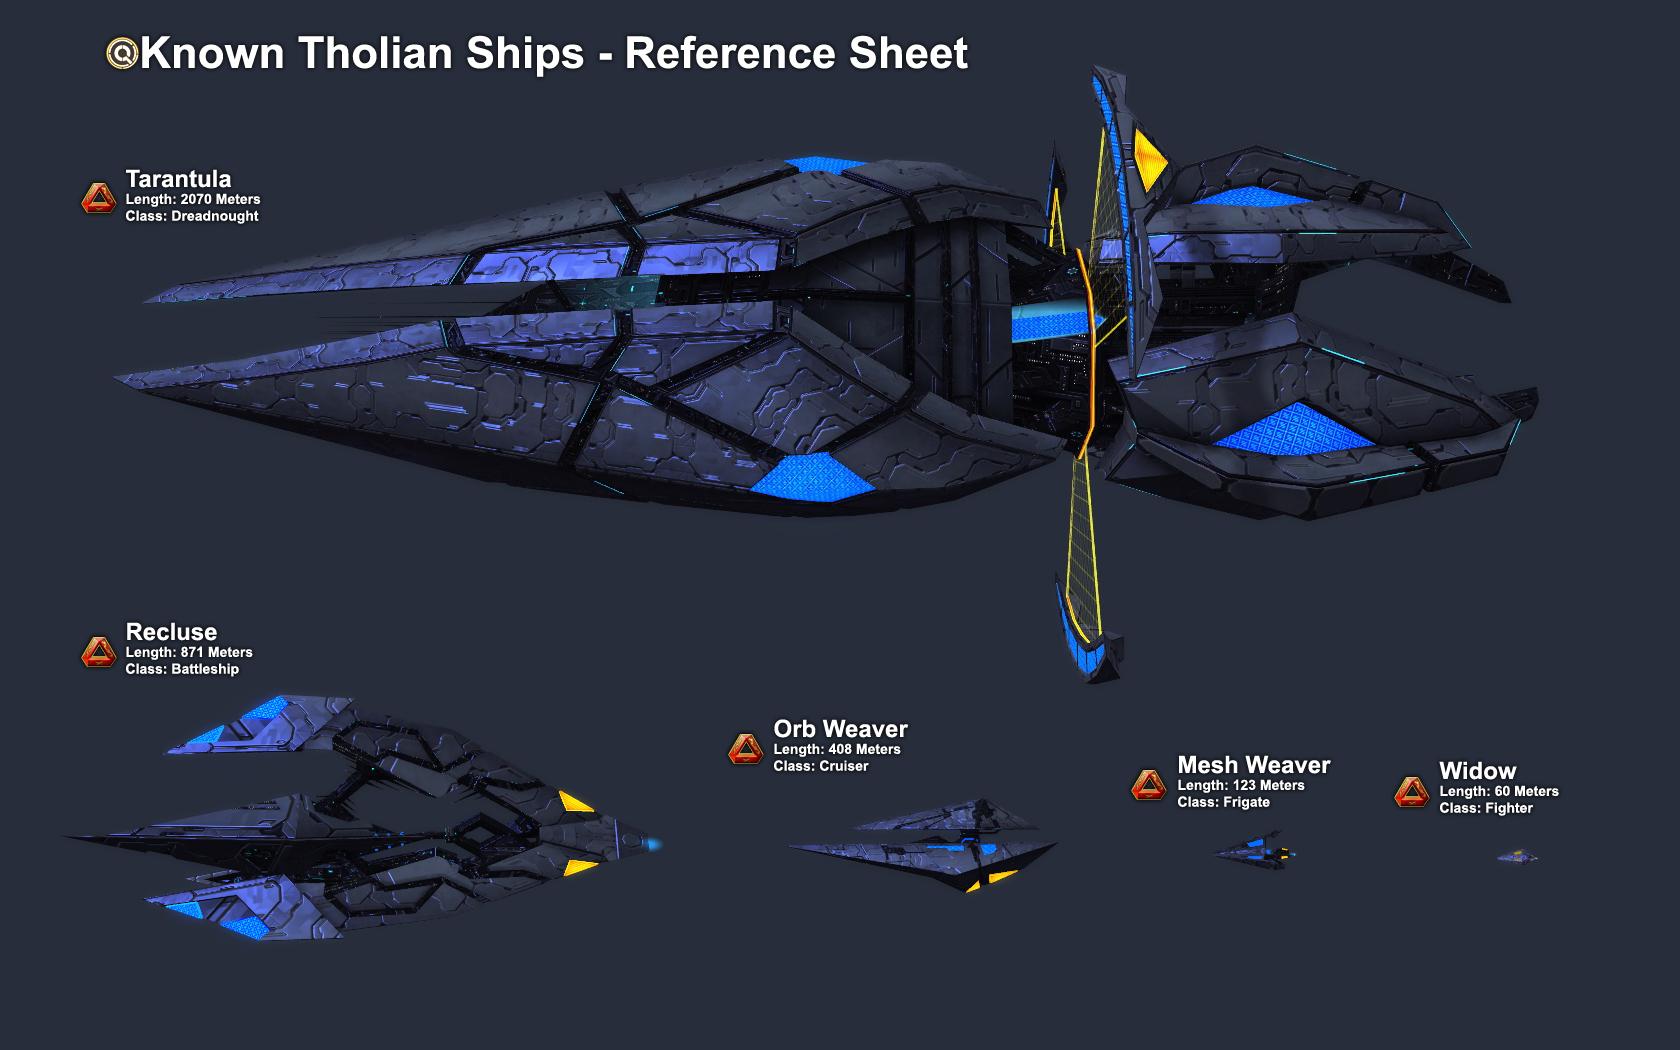 Les vaisseaux de Starfleet - Page 2 A_tholian_ship_reference_sheet